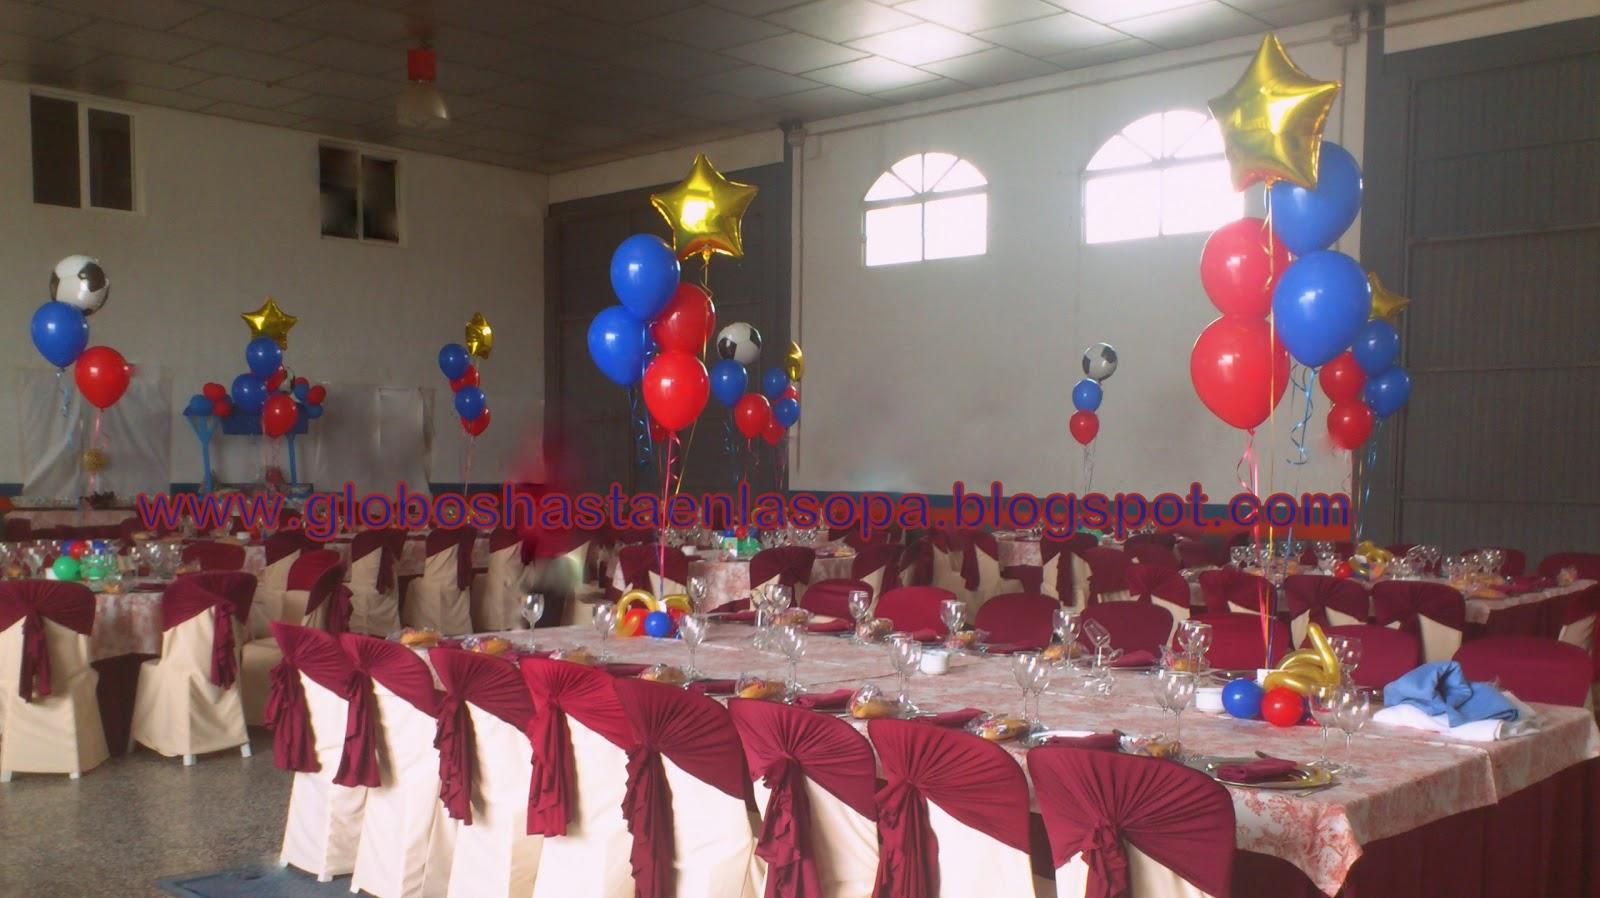 Globos hasta en la sopa decoraci n con globos for Fiestas tematicas bcn